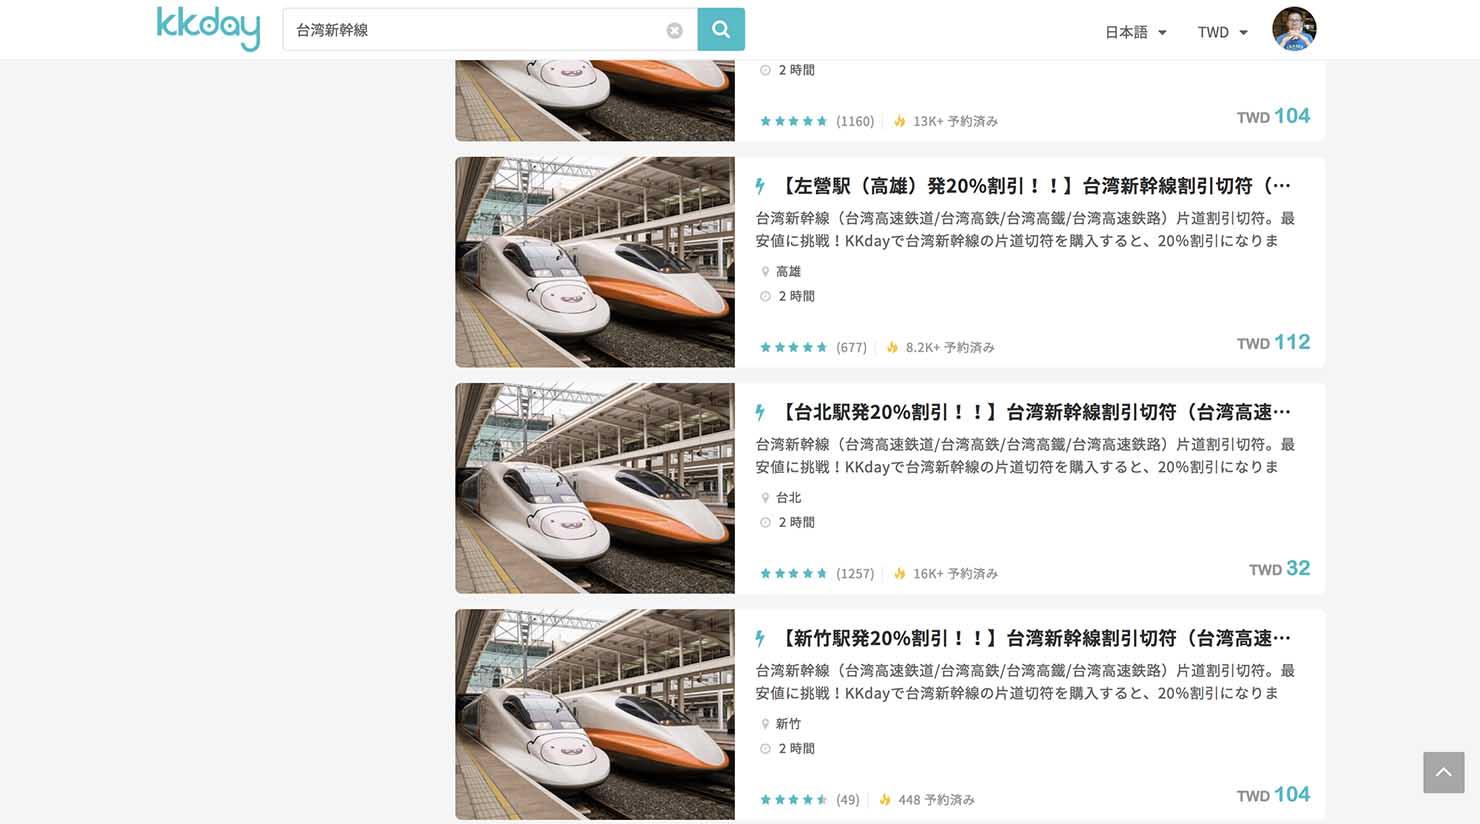 台湾の旅行サイト「KKday」でプラン検索